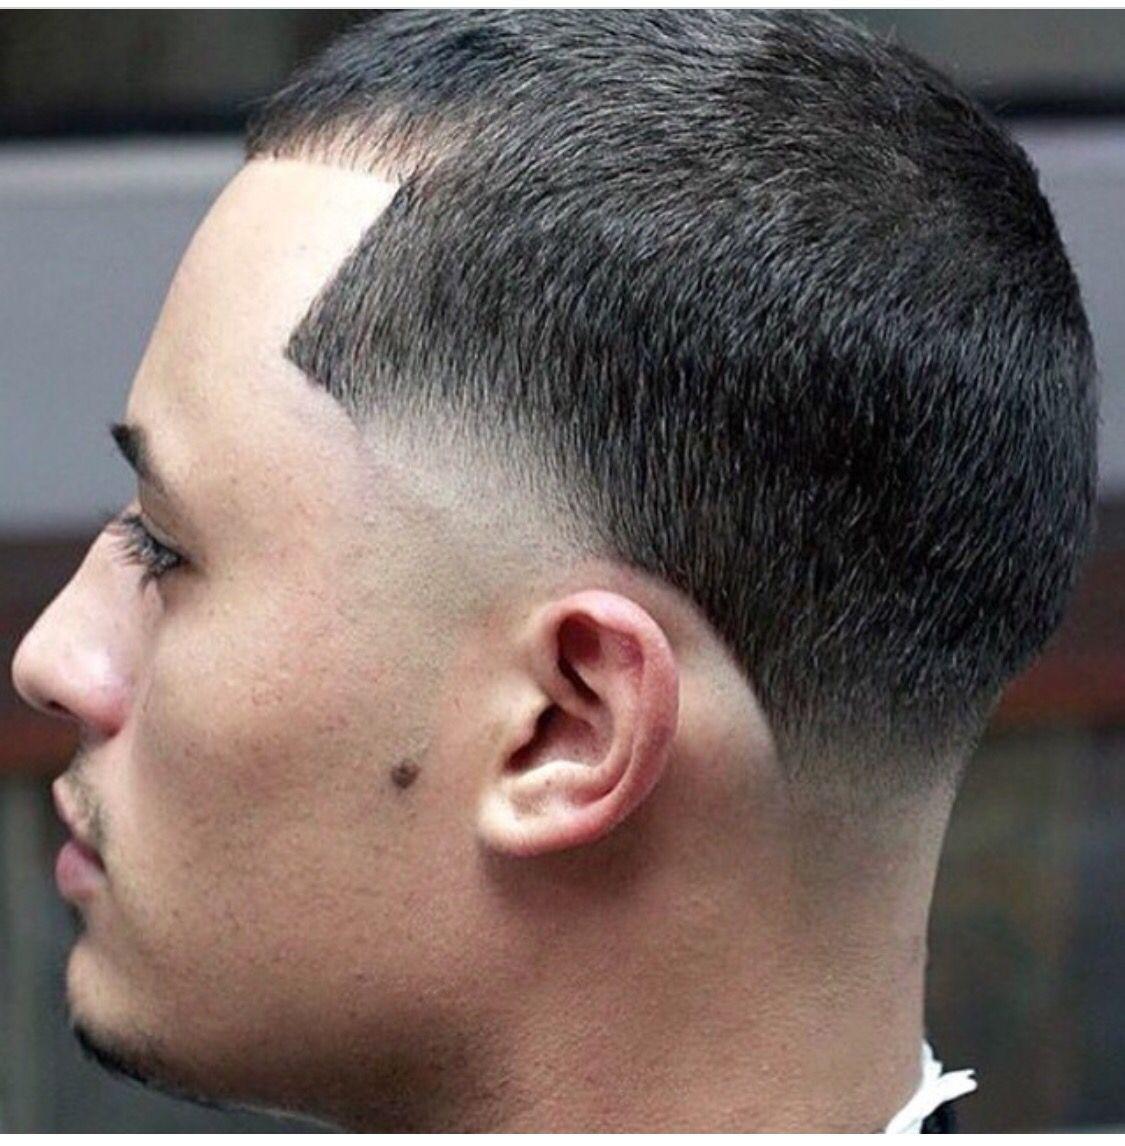 Taper Cut Peinado Pinterest Haircut 2017 School Hair And